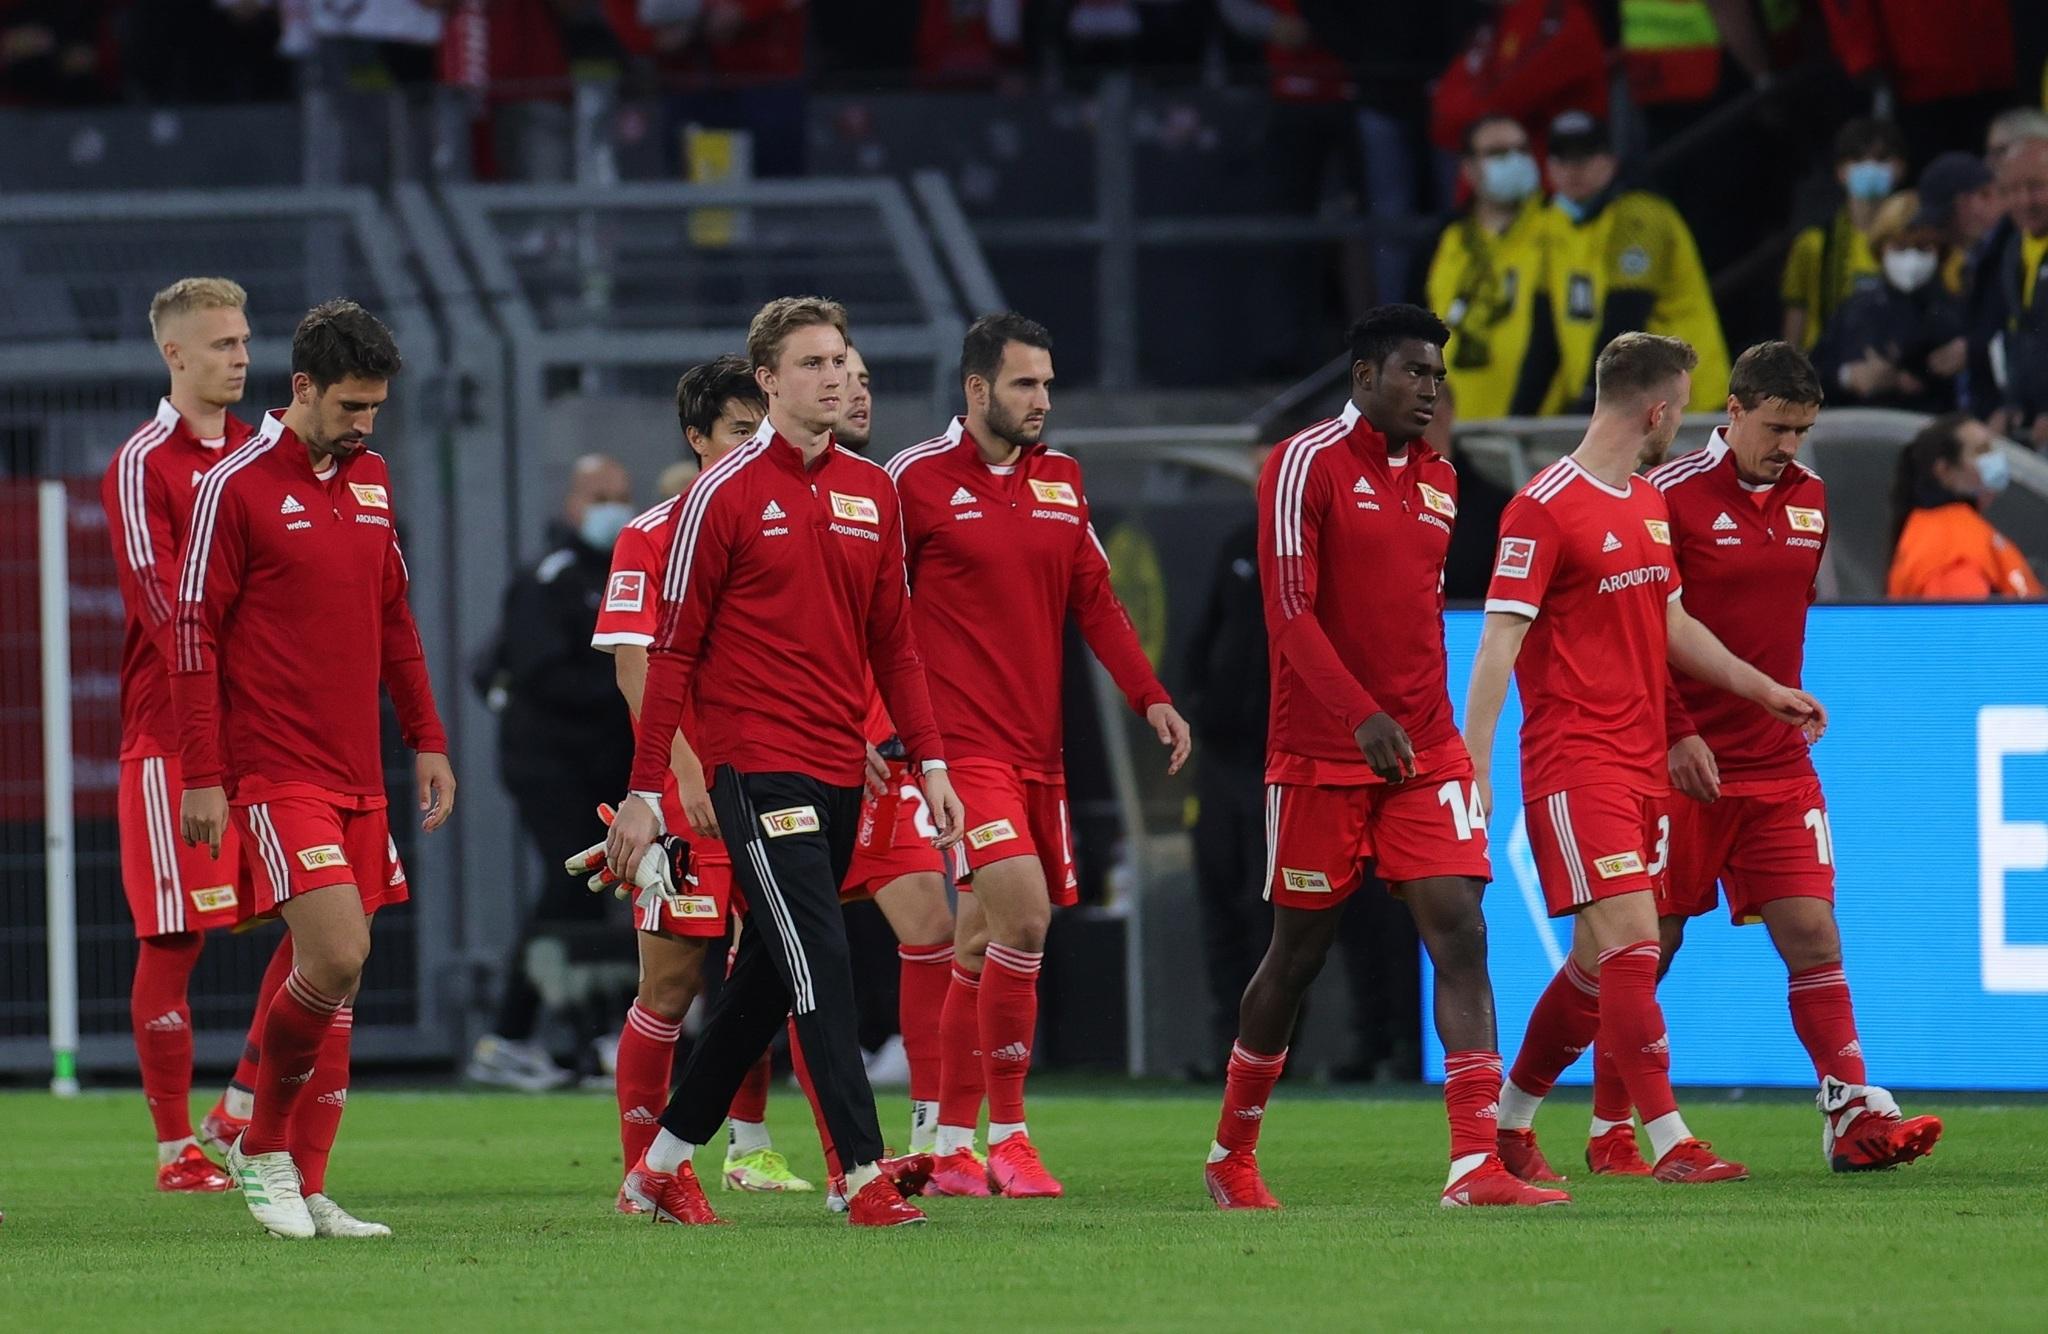 Jugadores del Union Berlin tras perder ante el Borussia Dortmund